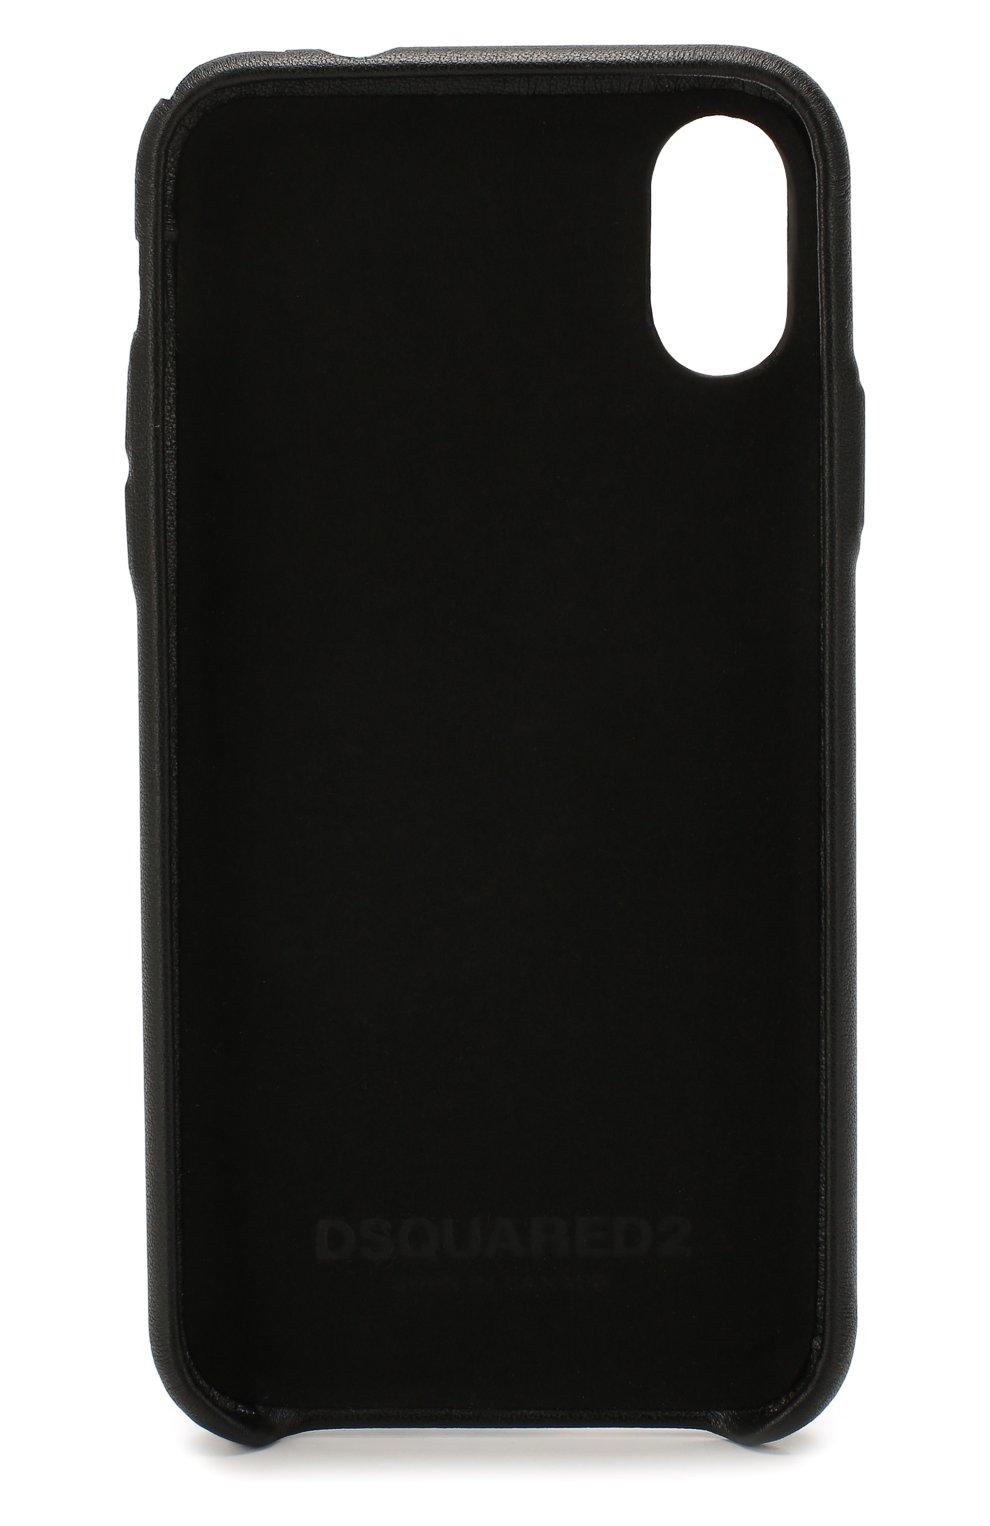 Мужской чехол для iphone x/xs DSQUARED2 черного цвета, арт. ITM0074 01501675 | Фото 2